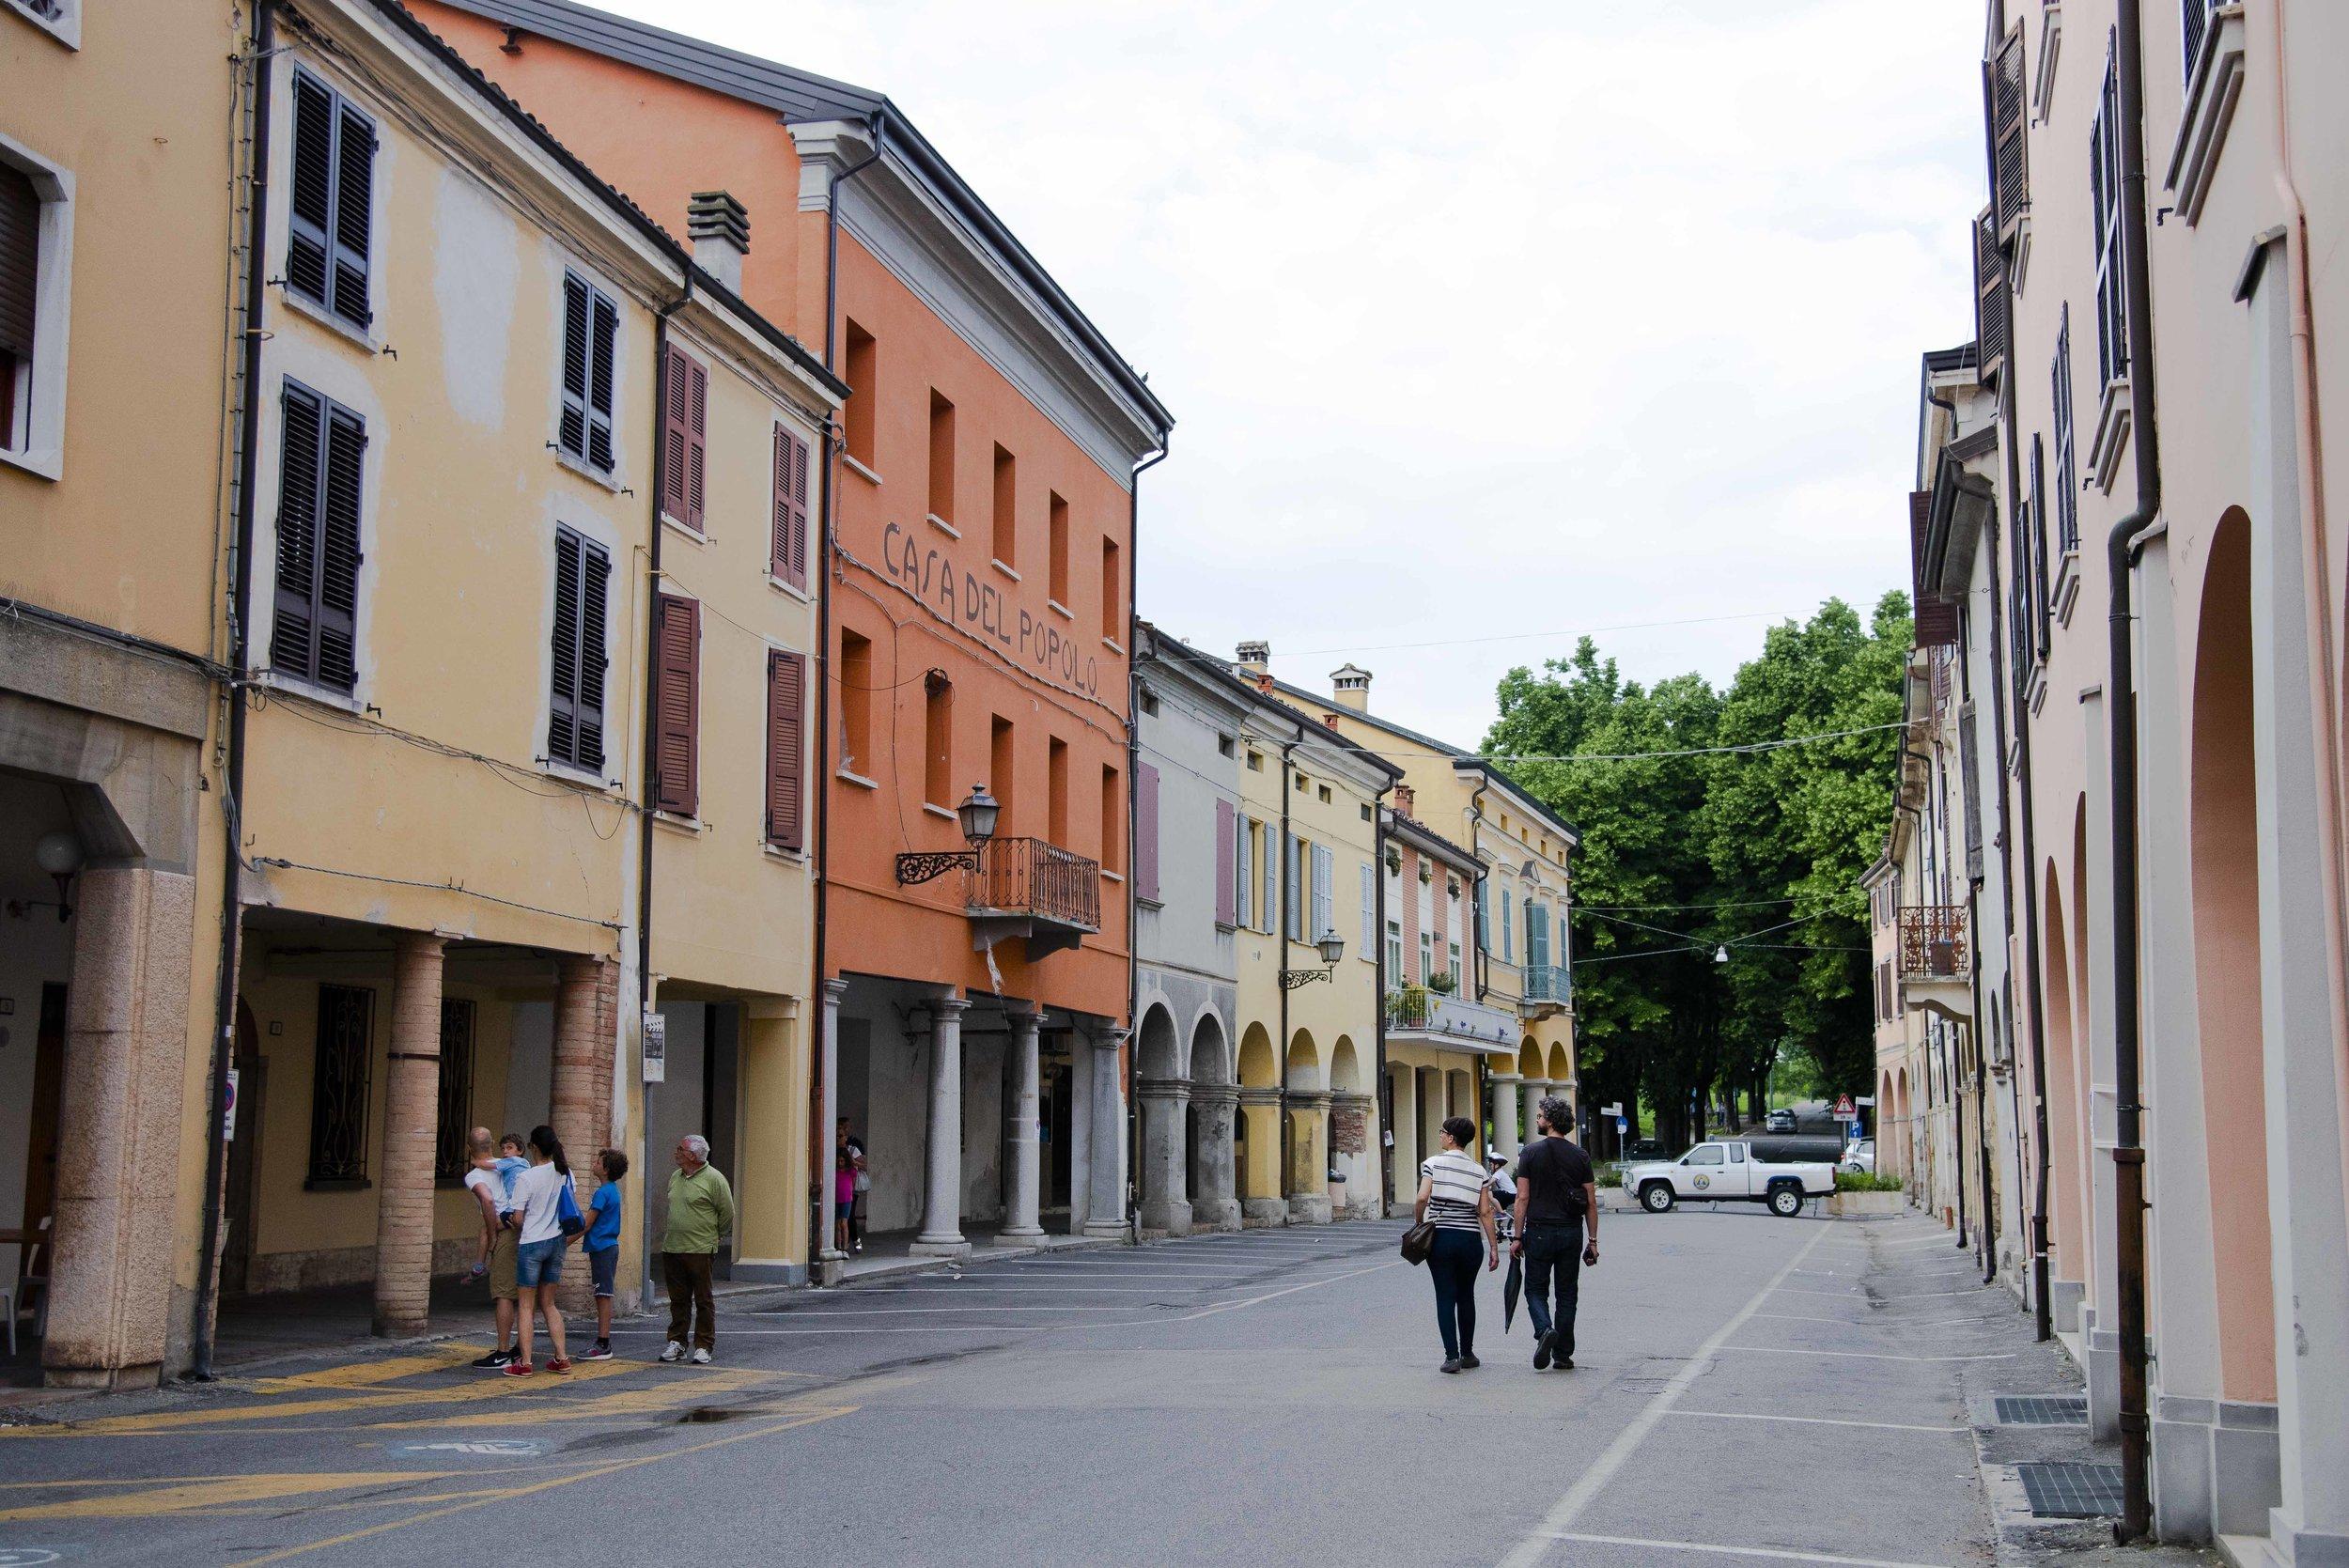 Casa del Popolo in via Panizzi. Foto di Valerio Greco